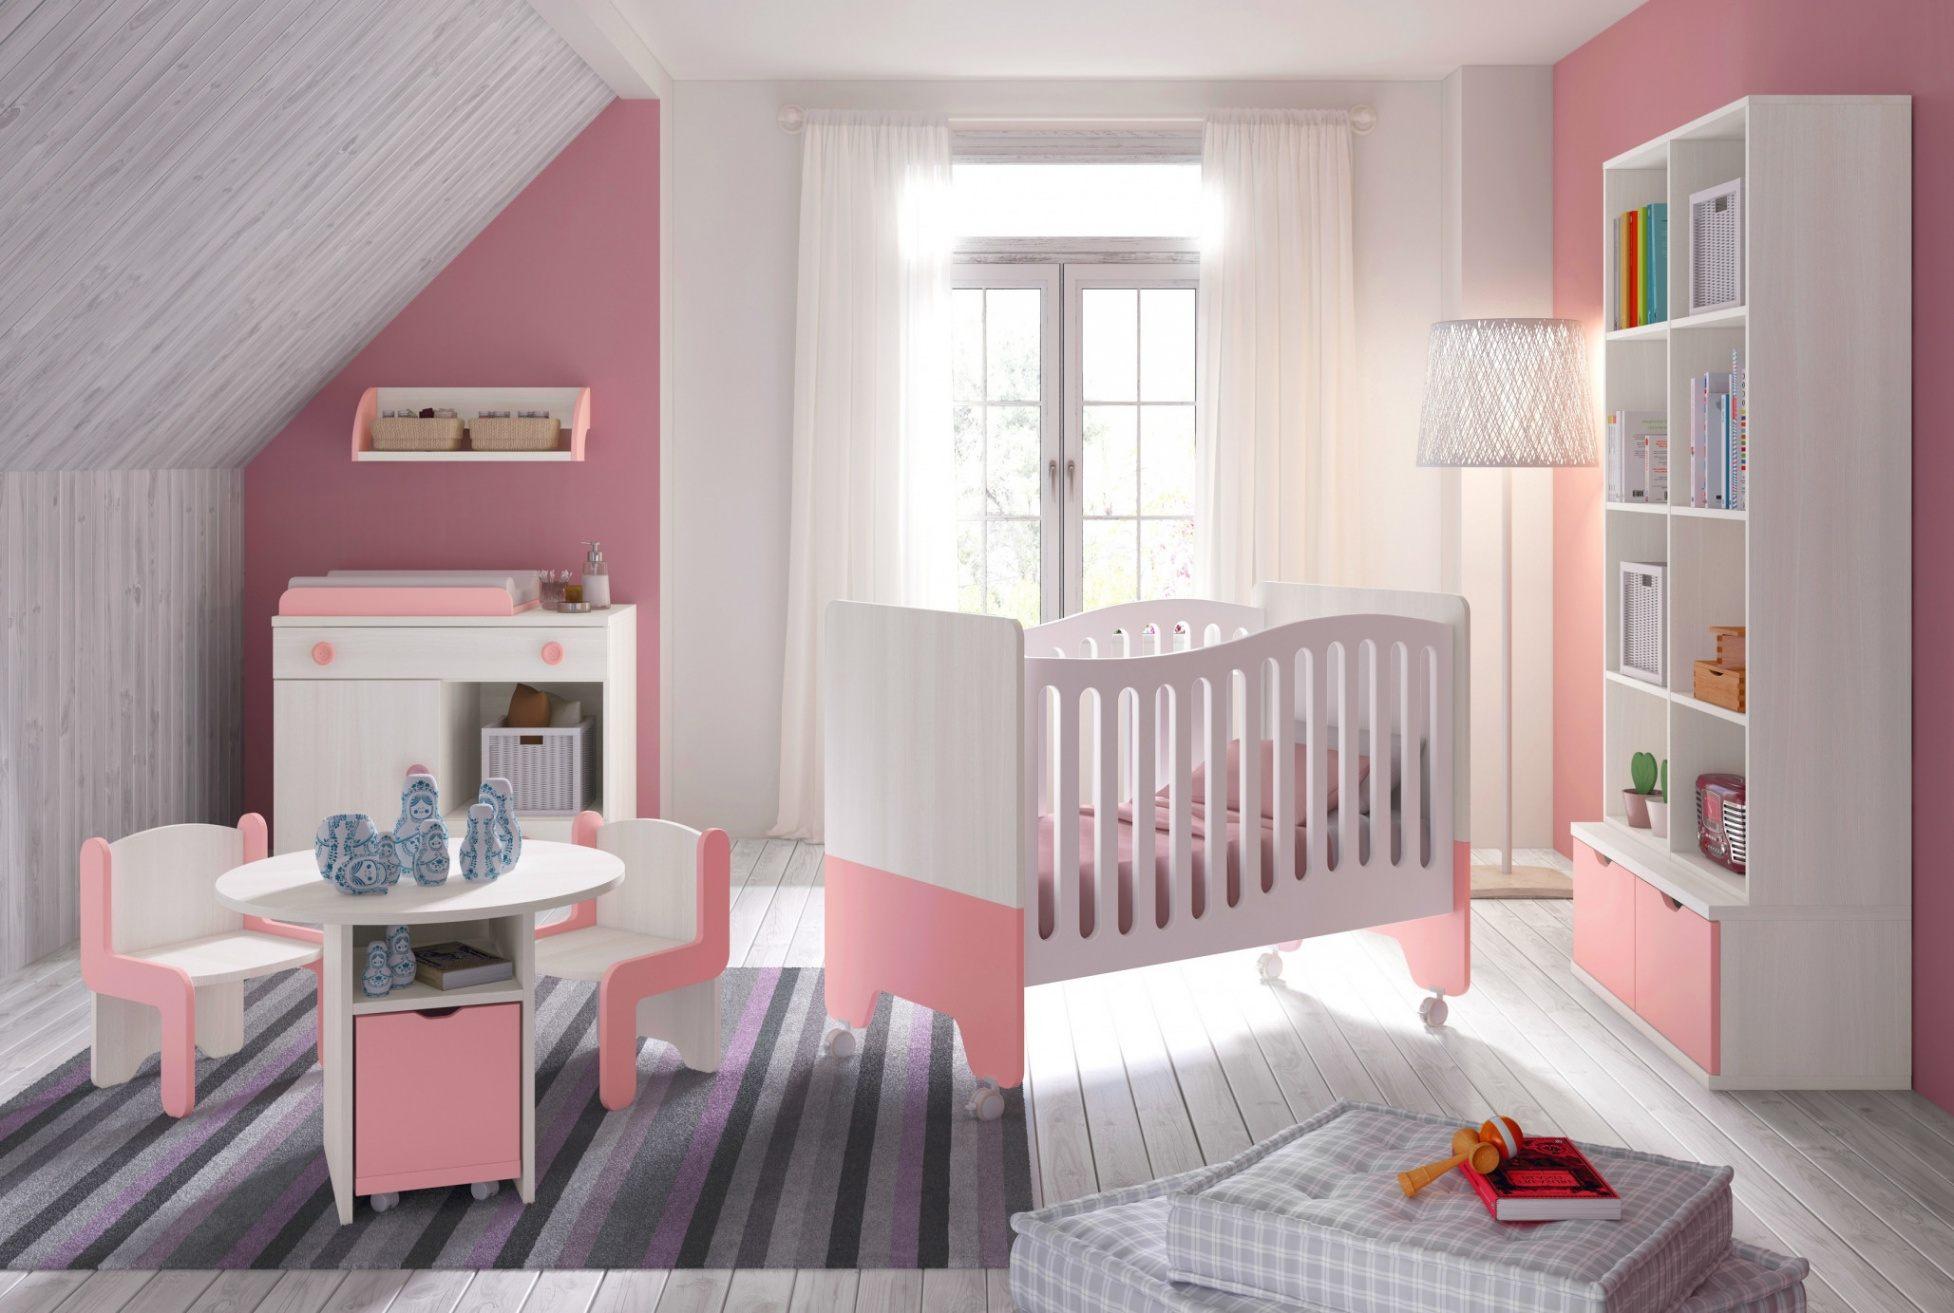 Ciel Lit Bébé Magnifique Rideaux Pour Chambre Bébé — Laguerredesmots